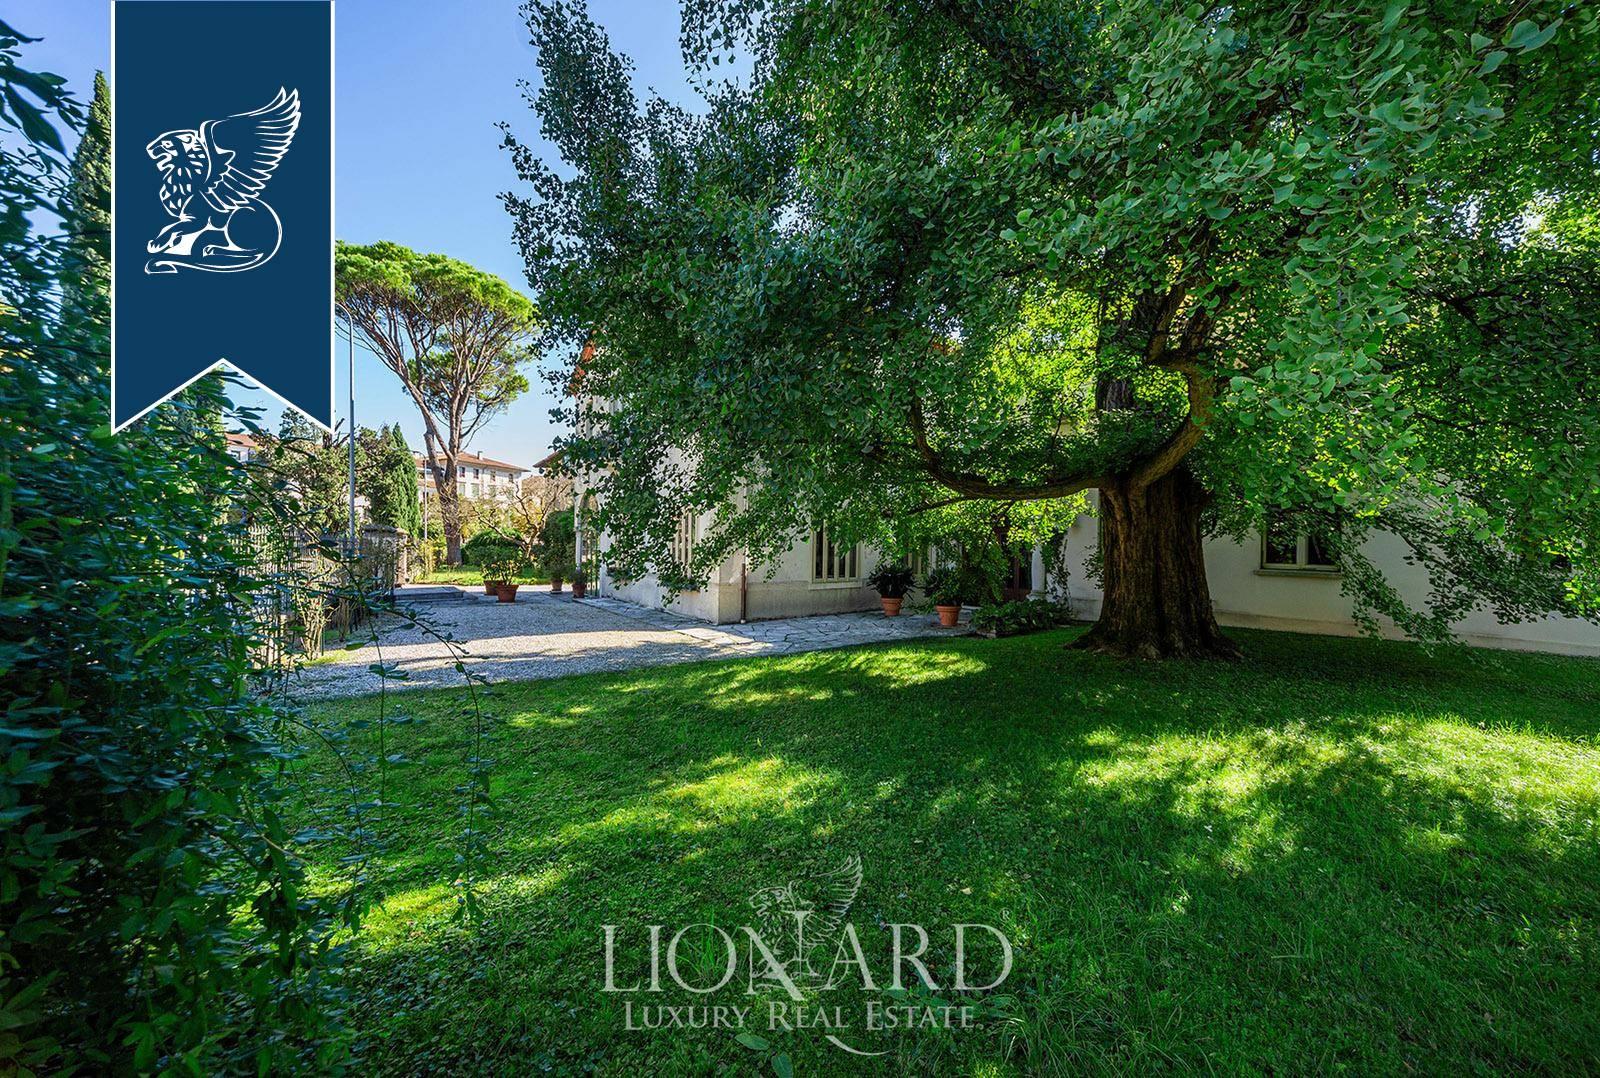 Appartamento in Vendita a Conegliano: 0 locali, 365 mq - Foto 7